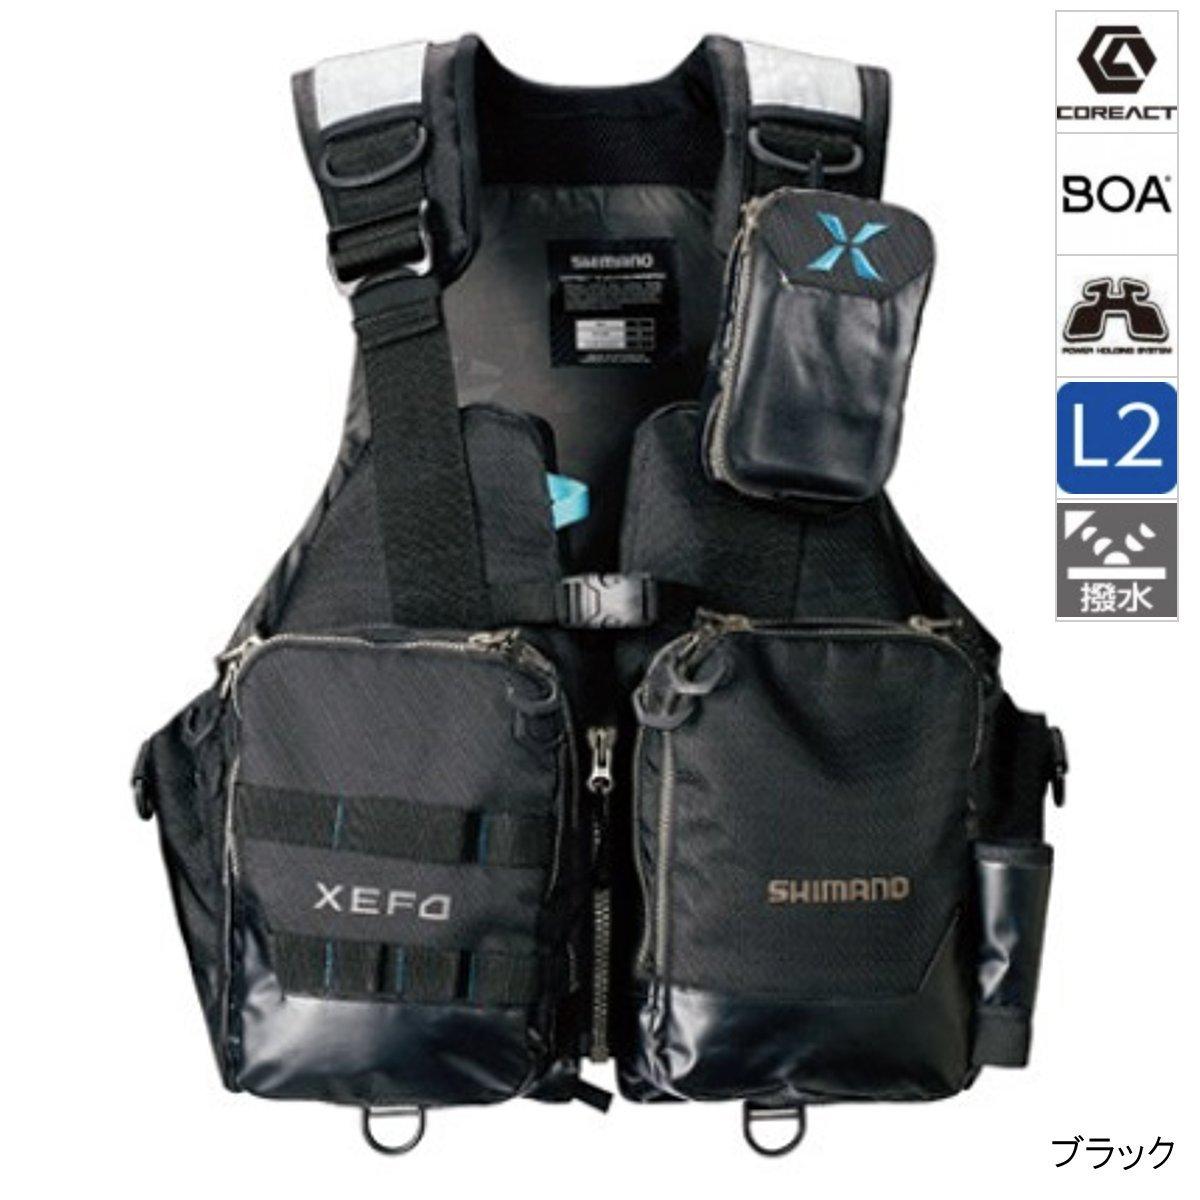 【4/1 24時間限定!エントリーで最大P31倍】シマノ XEFO・アクトゲームベスト VF-274R XL ブラック(東日本店)